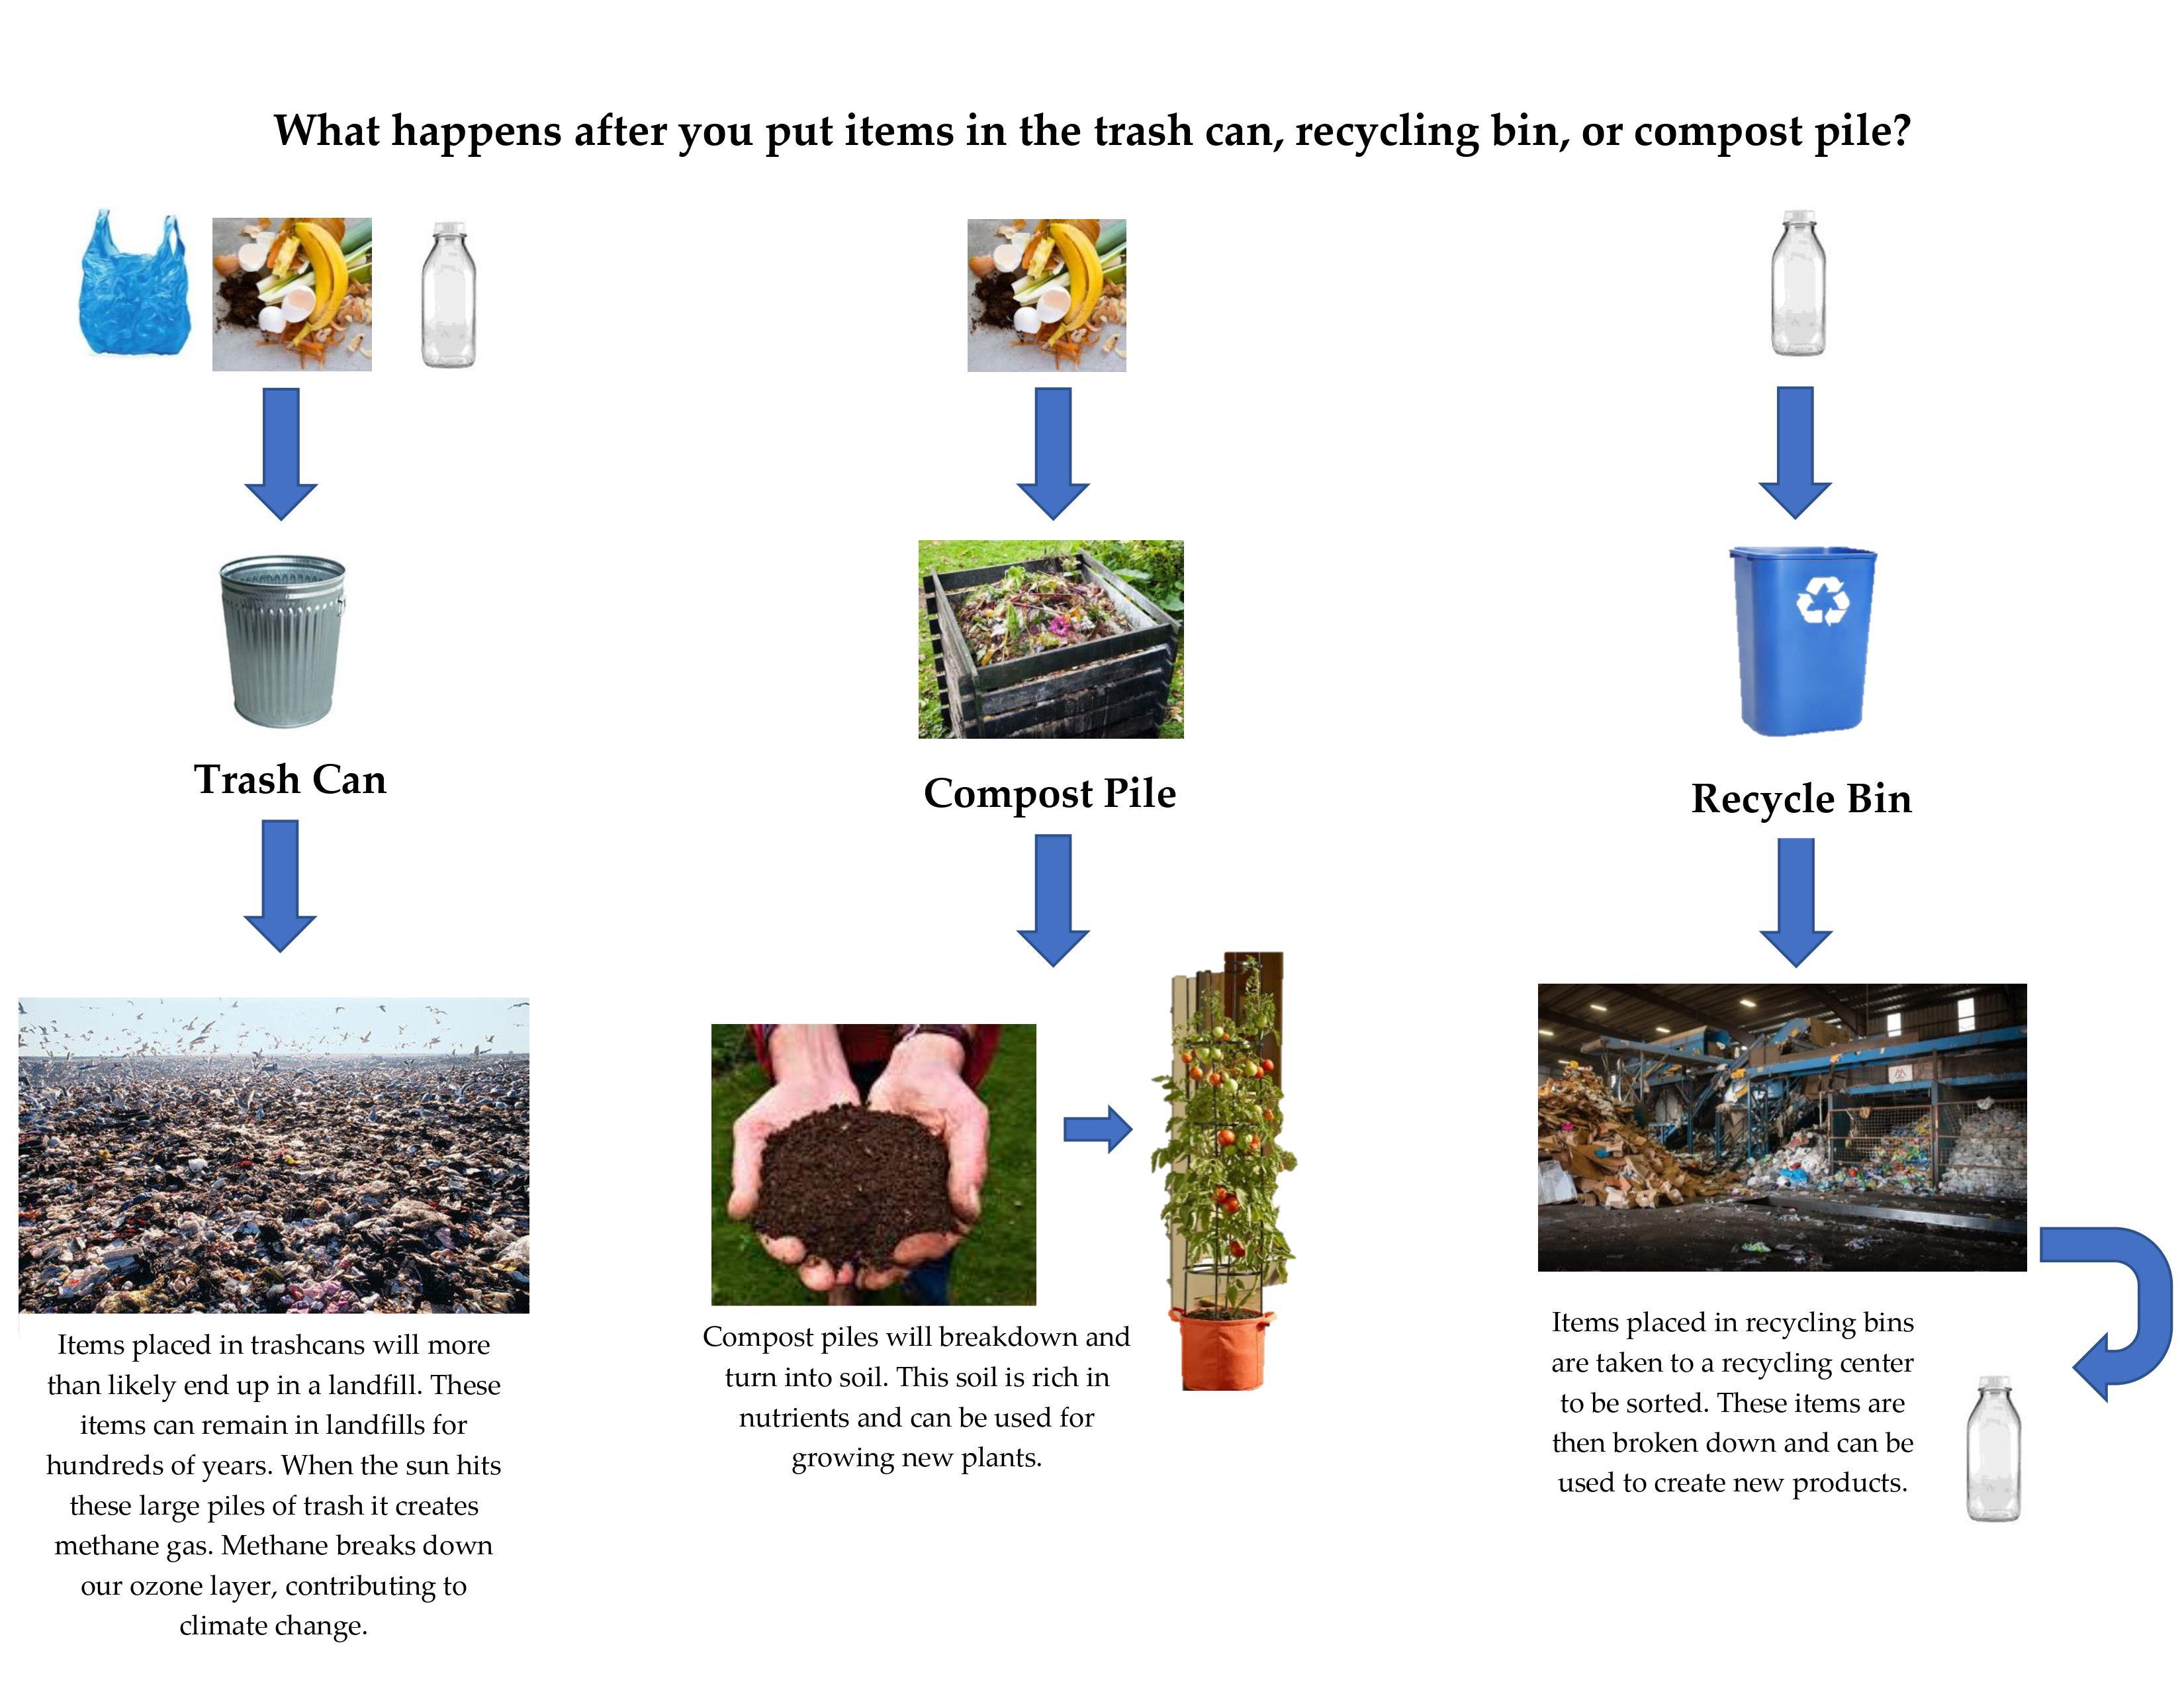 Diagrama que muestra a dónde van los diferentes tipos de desechos, ya sea reciclados, compostados o desechados.